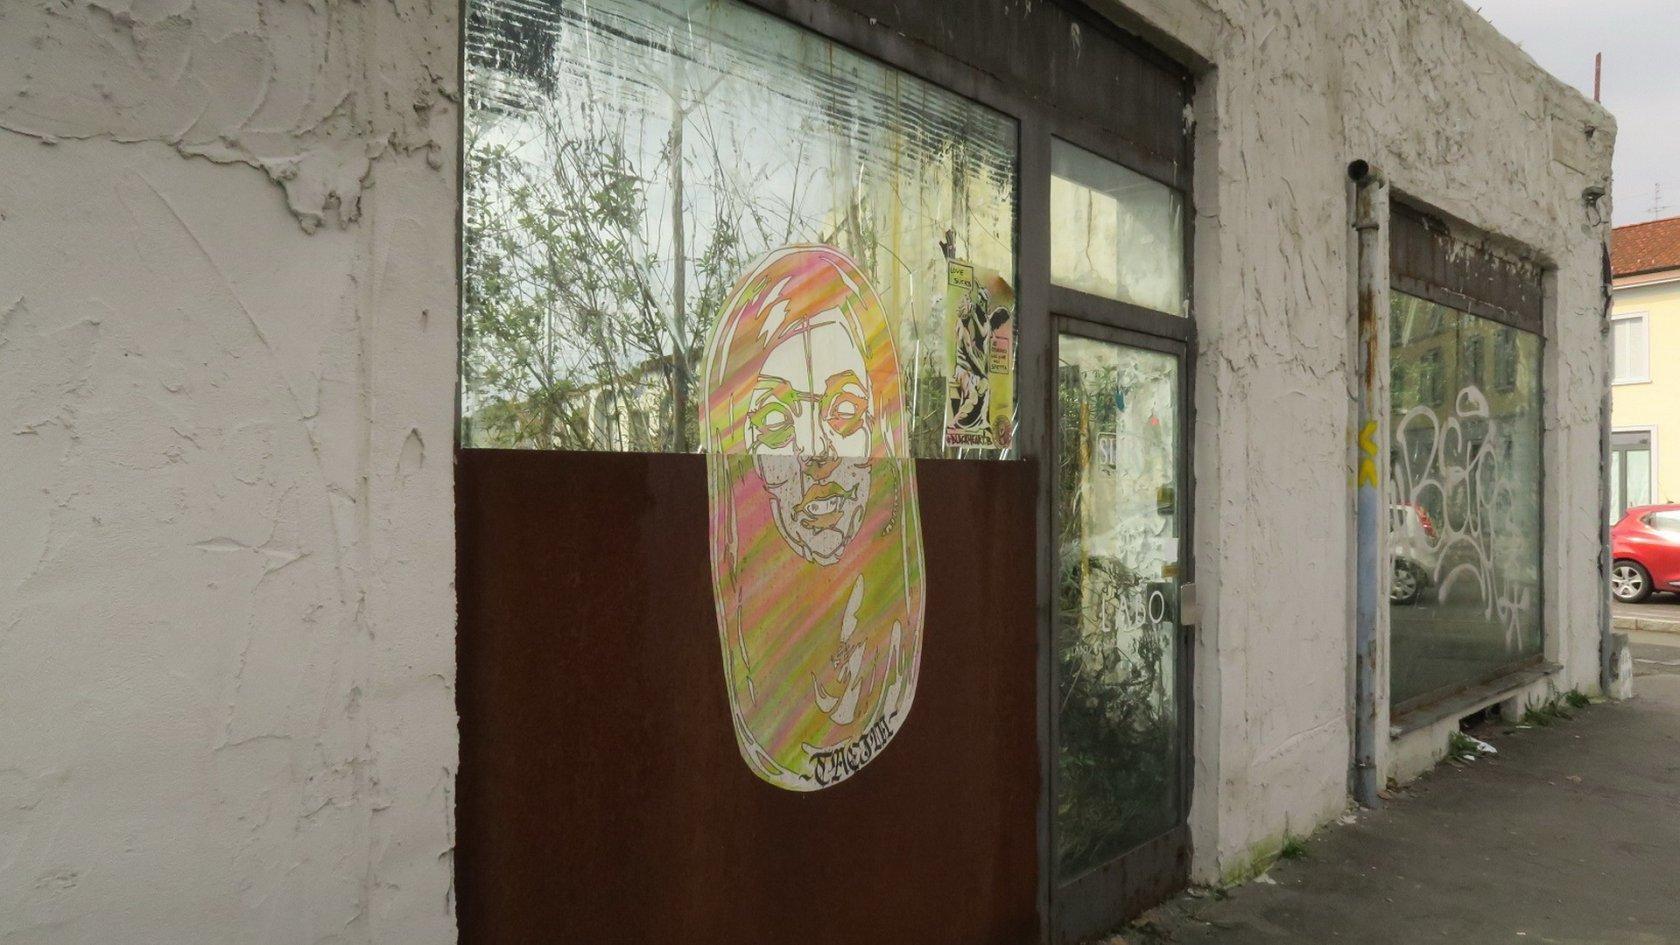 pulizie-di-primavera-2018-03